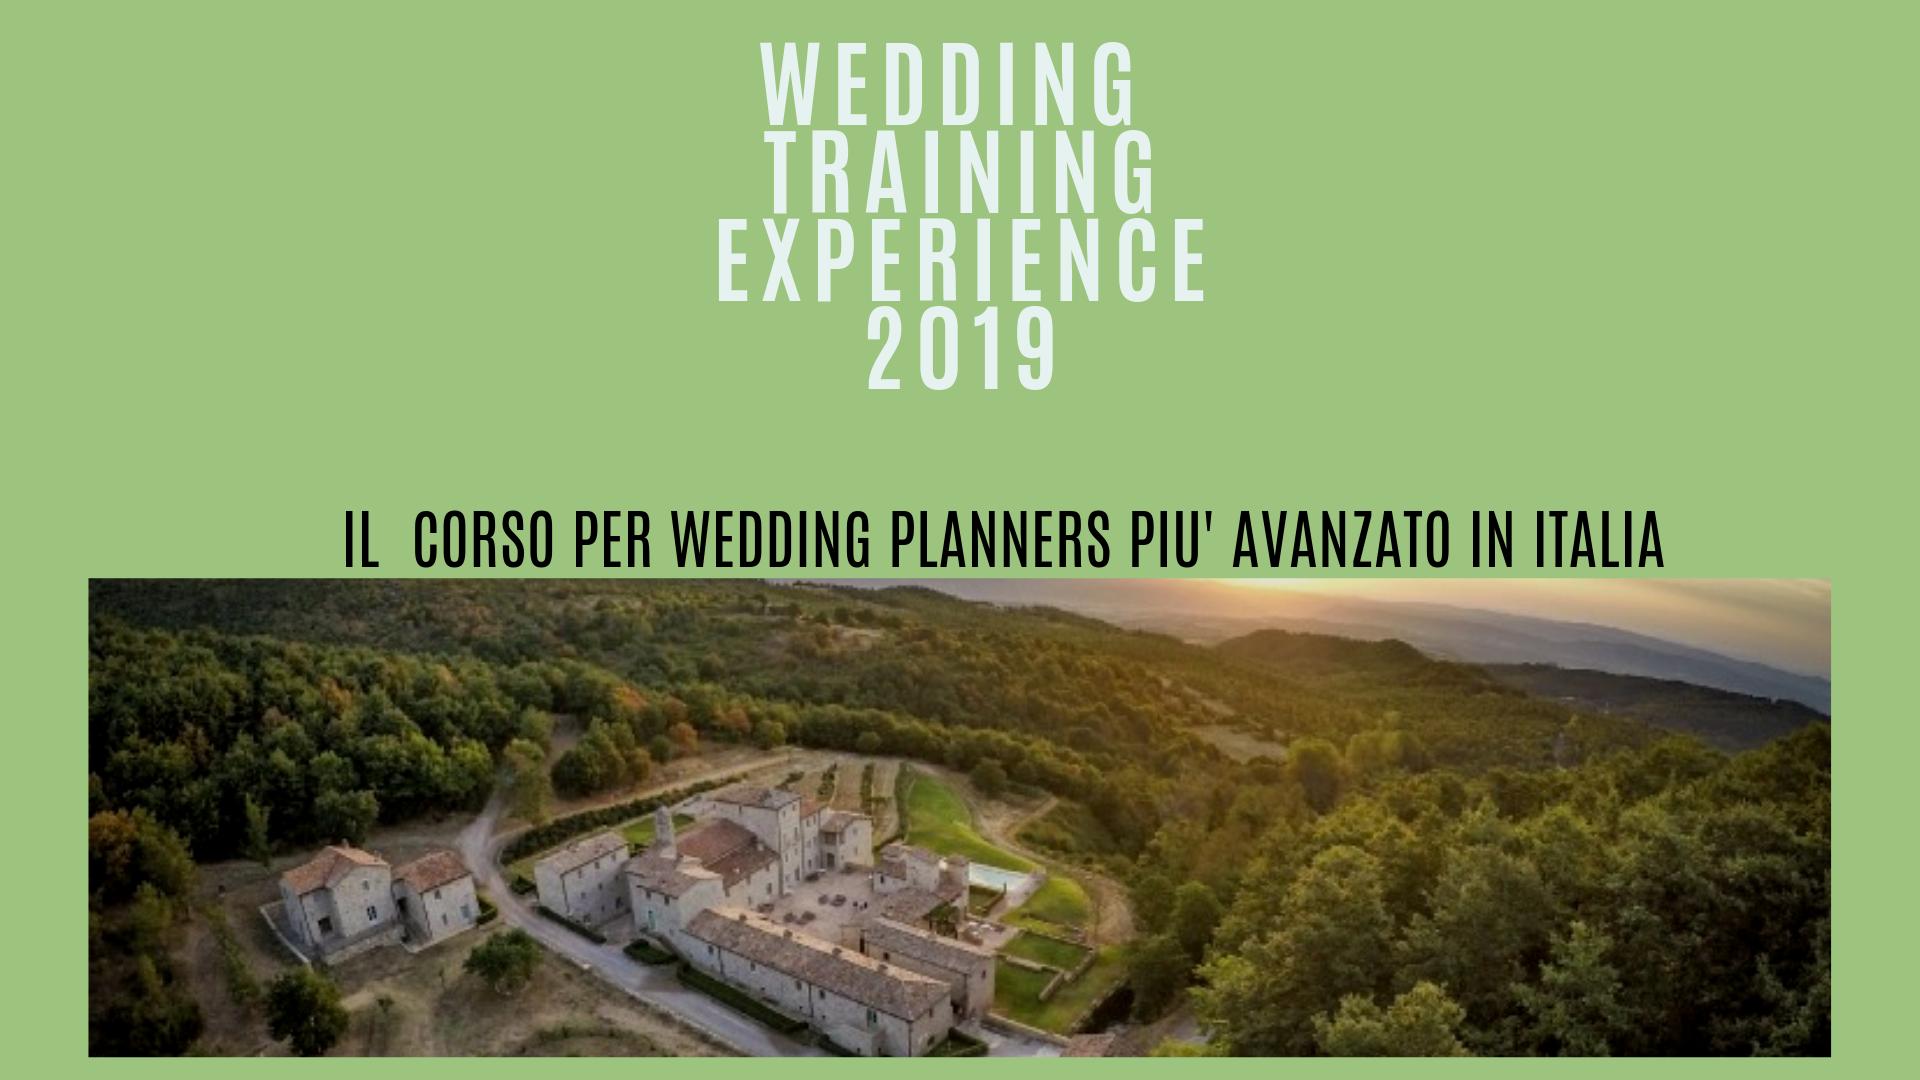 corso avanzato per wedding planner